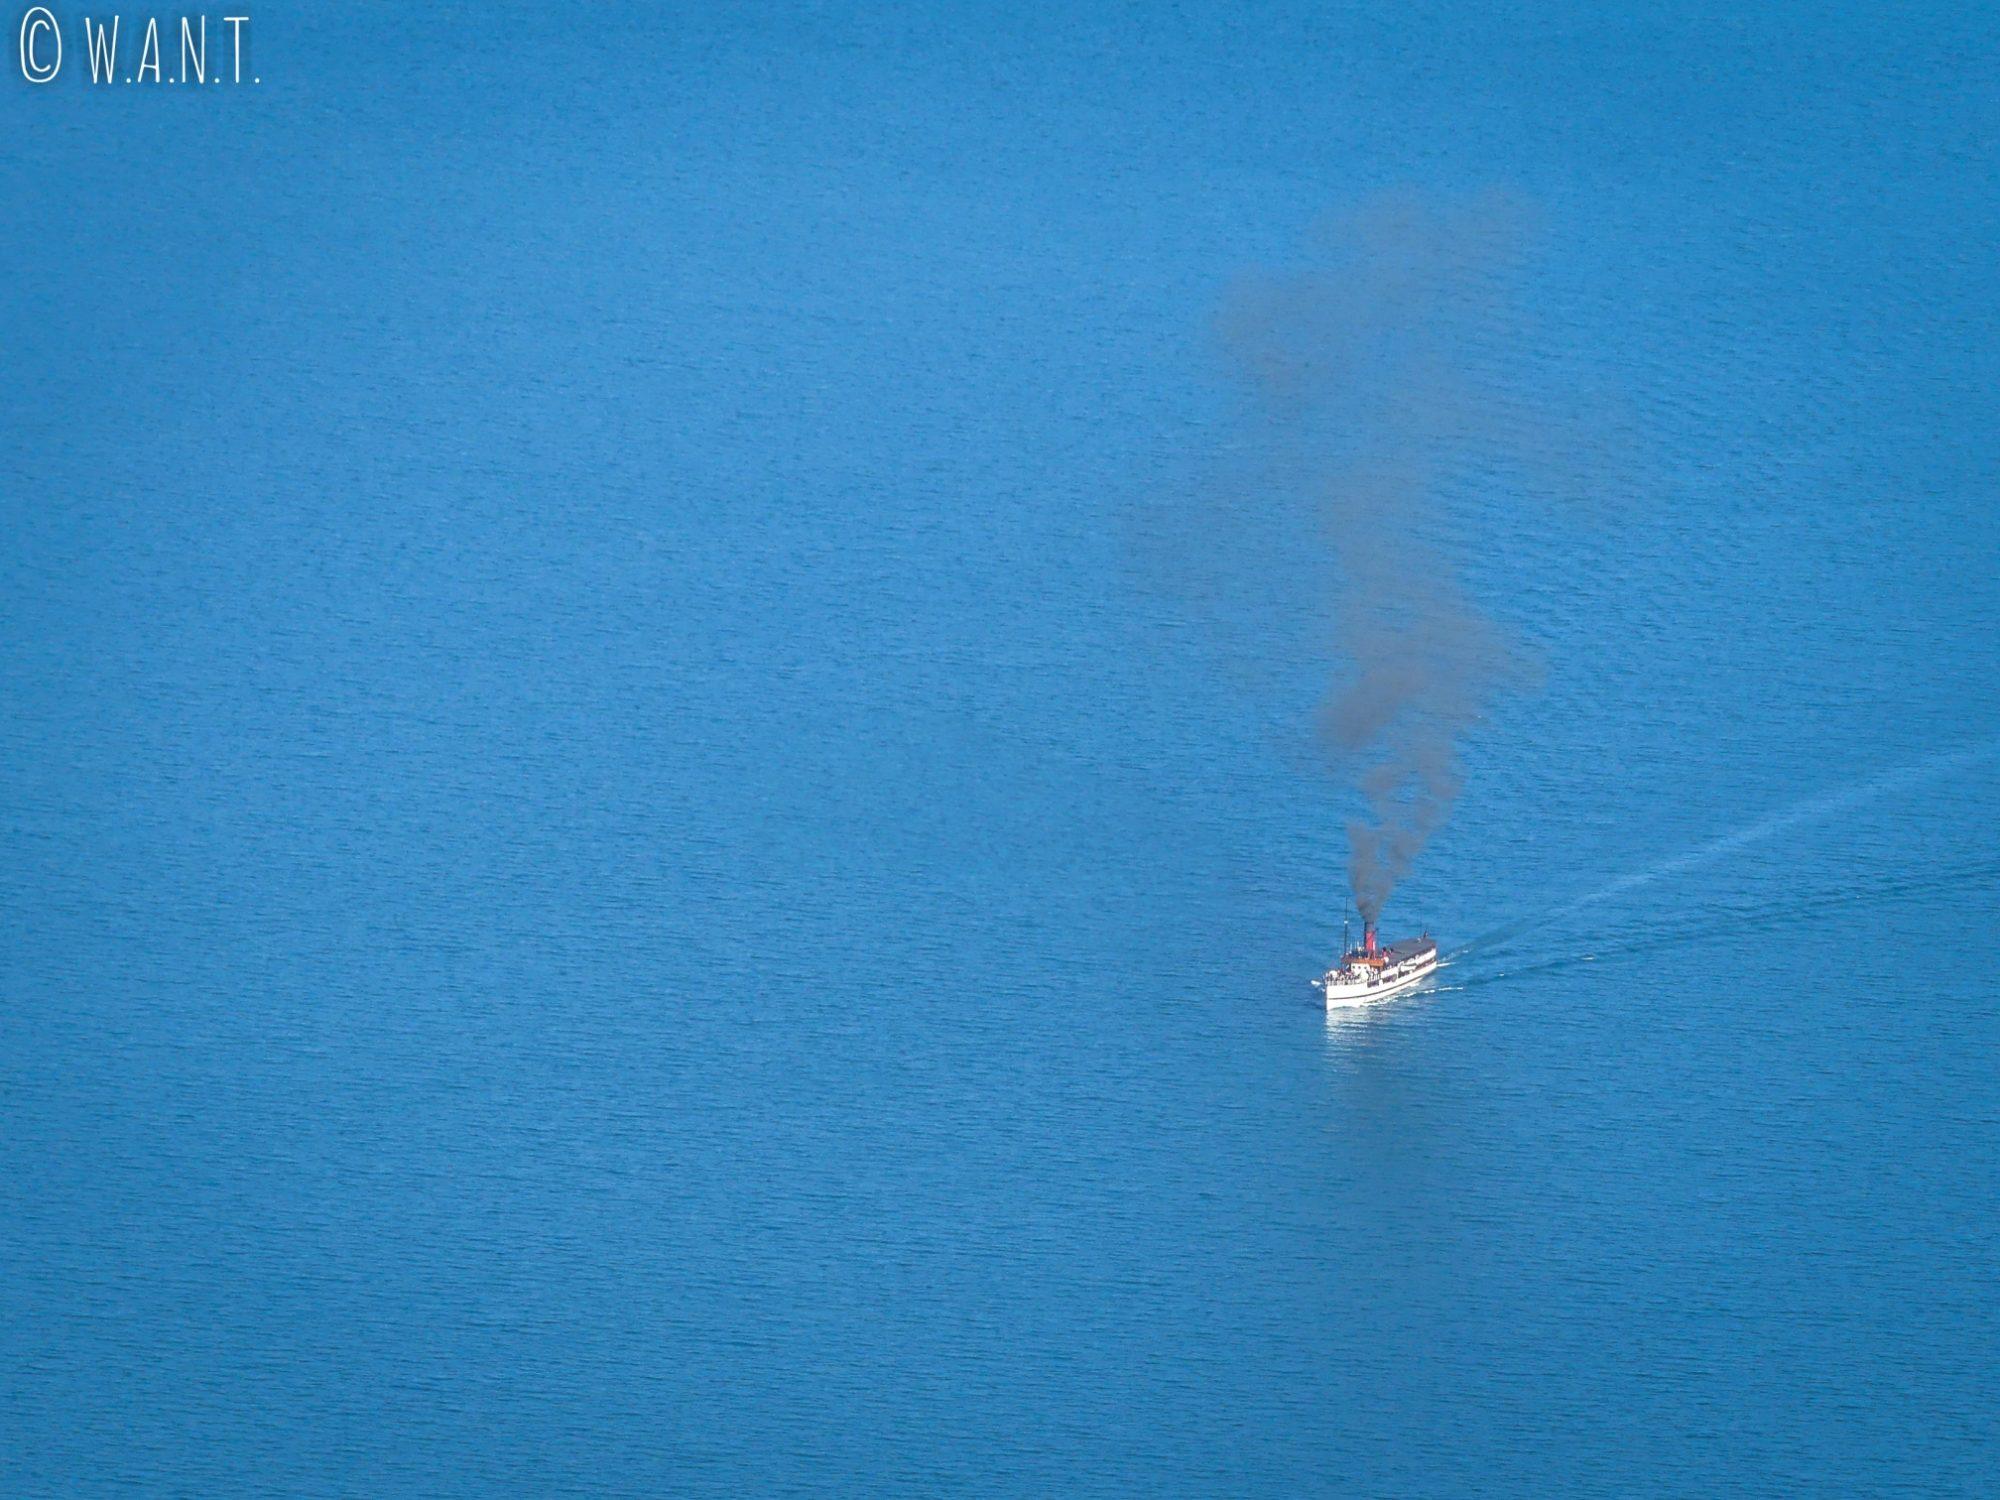 Bateau à vapeur sur le lac Wakatipu à Queenstown en Nouvelle-Zélande